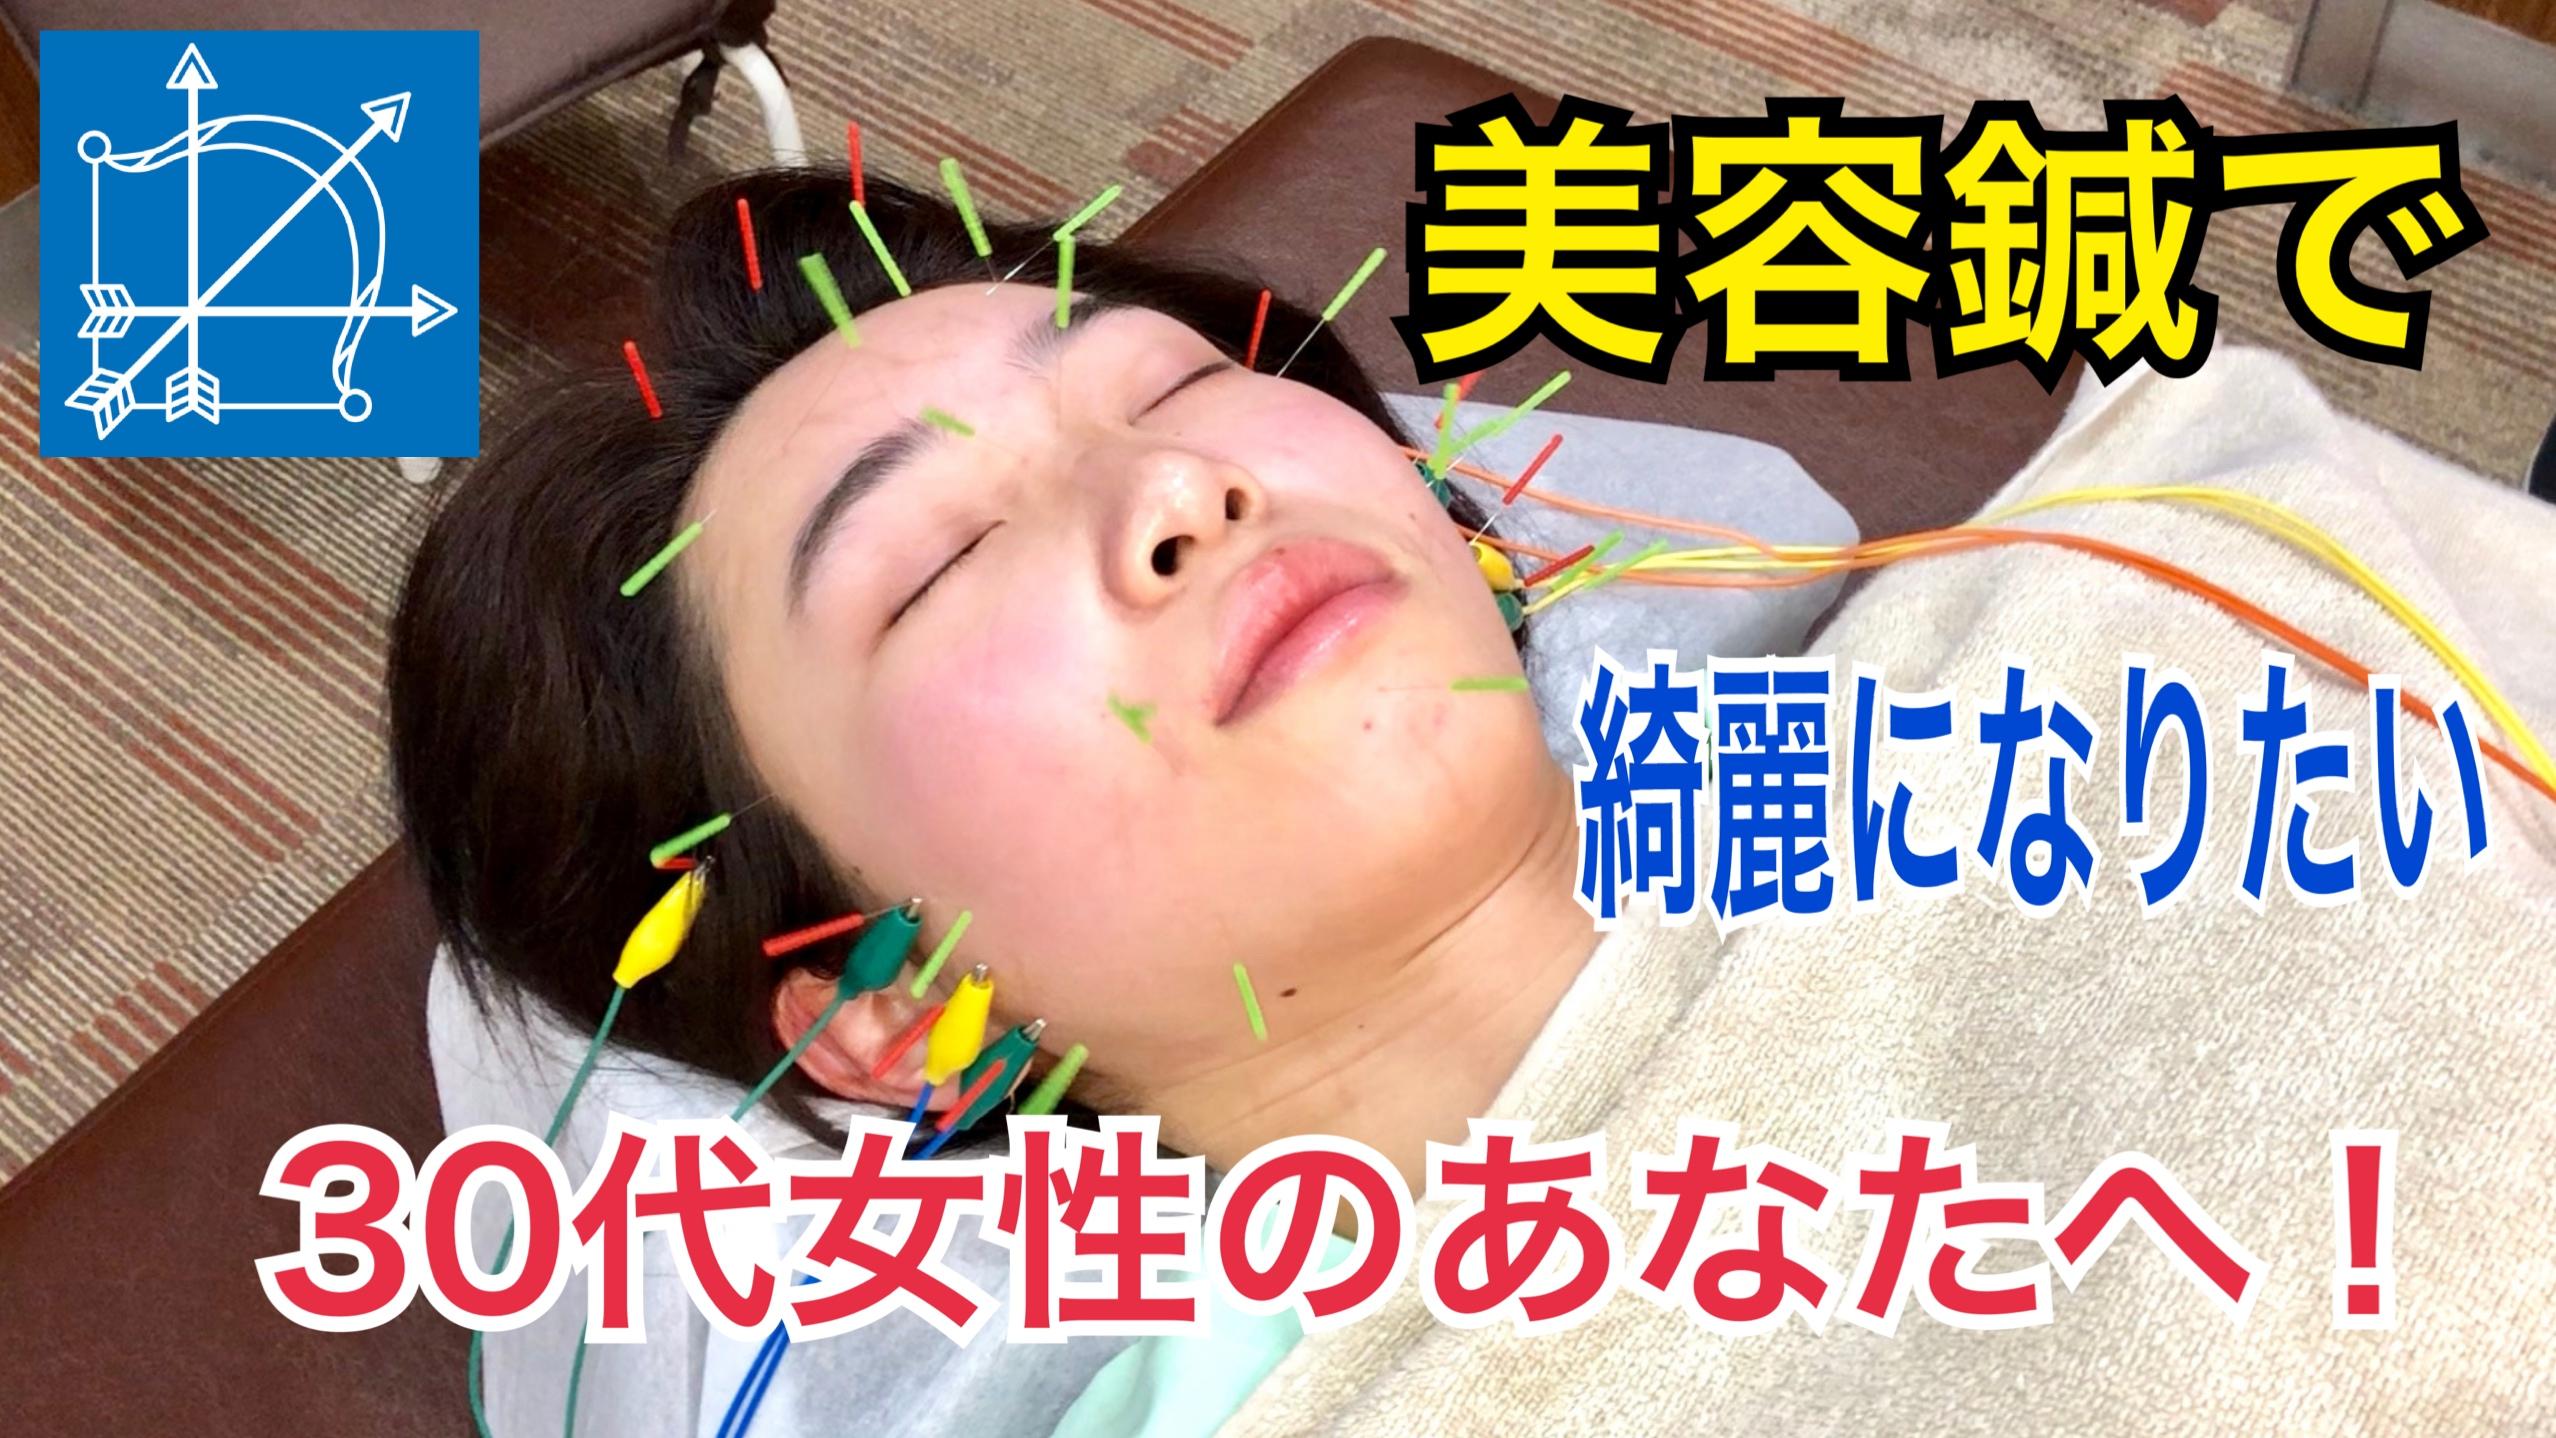 渋谷区恵比寿,鍼灸,美容鍼,美容鍼灸.JPG